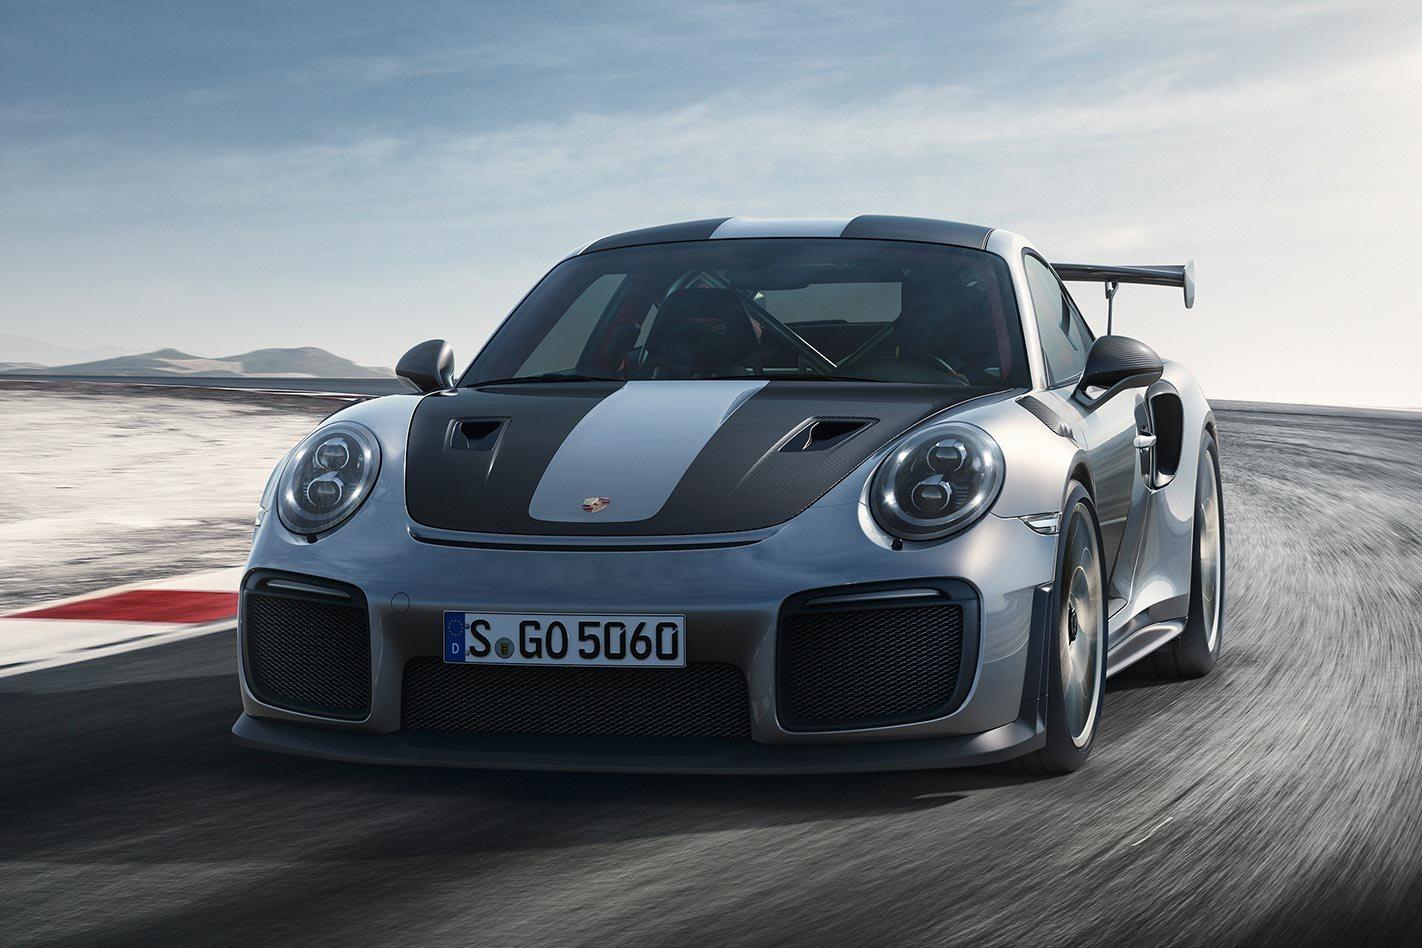 Porsche 911 Gt2 Rs Full Specs Revealed Motor